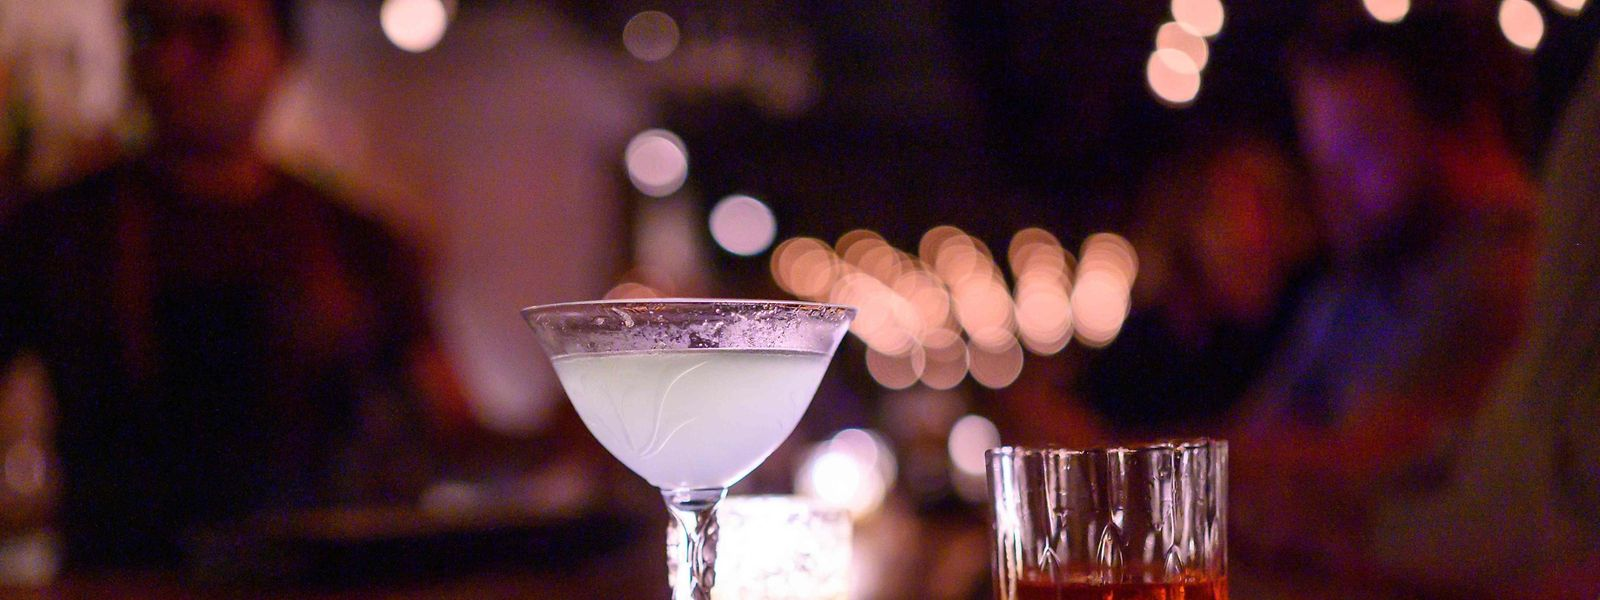 Hochprozentiges ade: Am 16. Januar 1920 trat die Prohibition in den USA in Kraft.